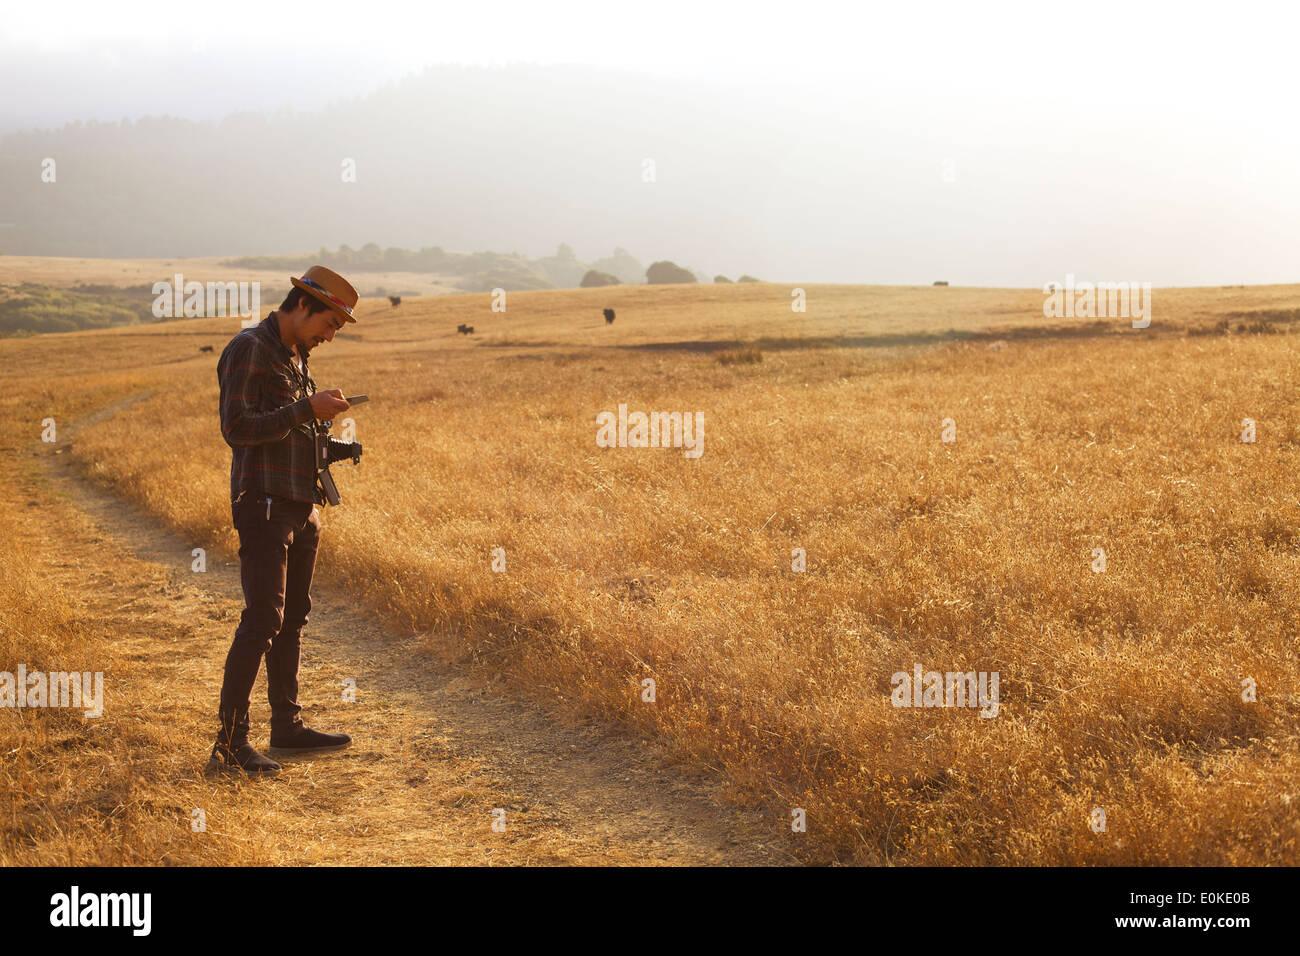 Un uomo si erge in un colore dorato e campo di studi una foto dalla sua terra fotocamera. Immagini Stock